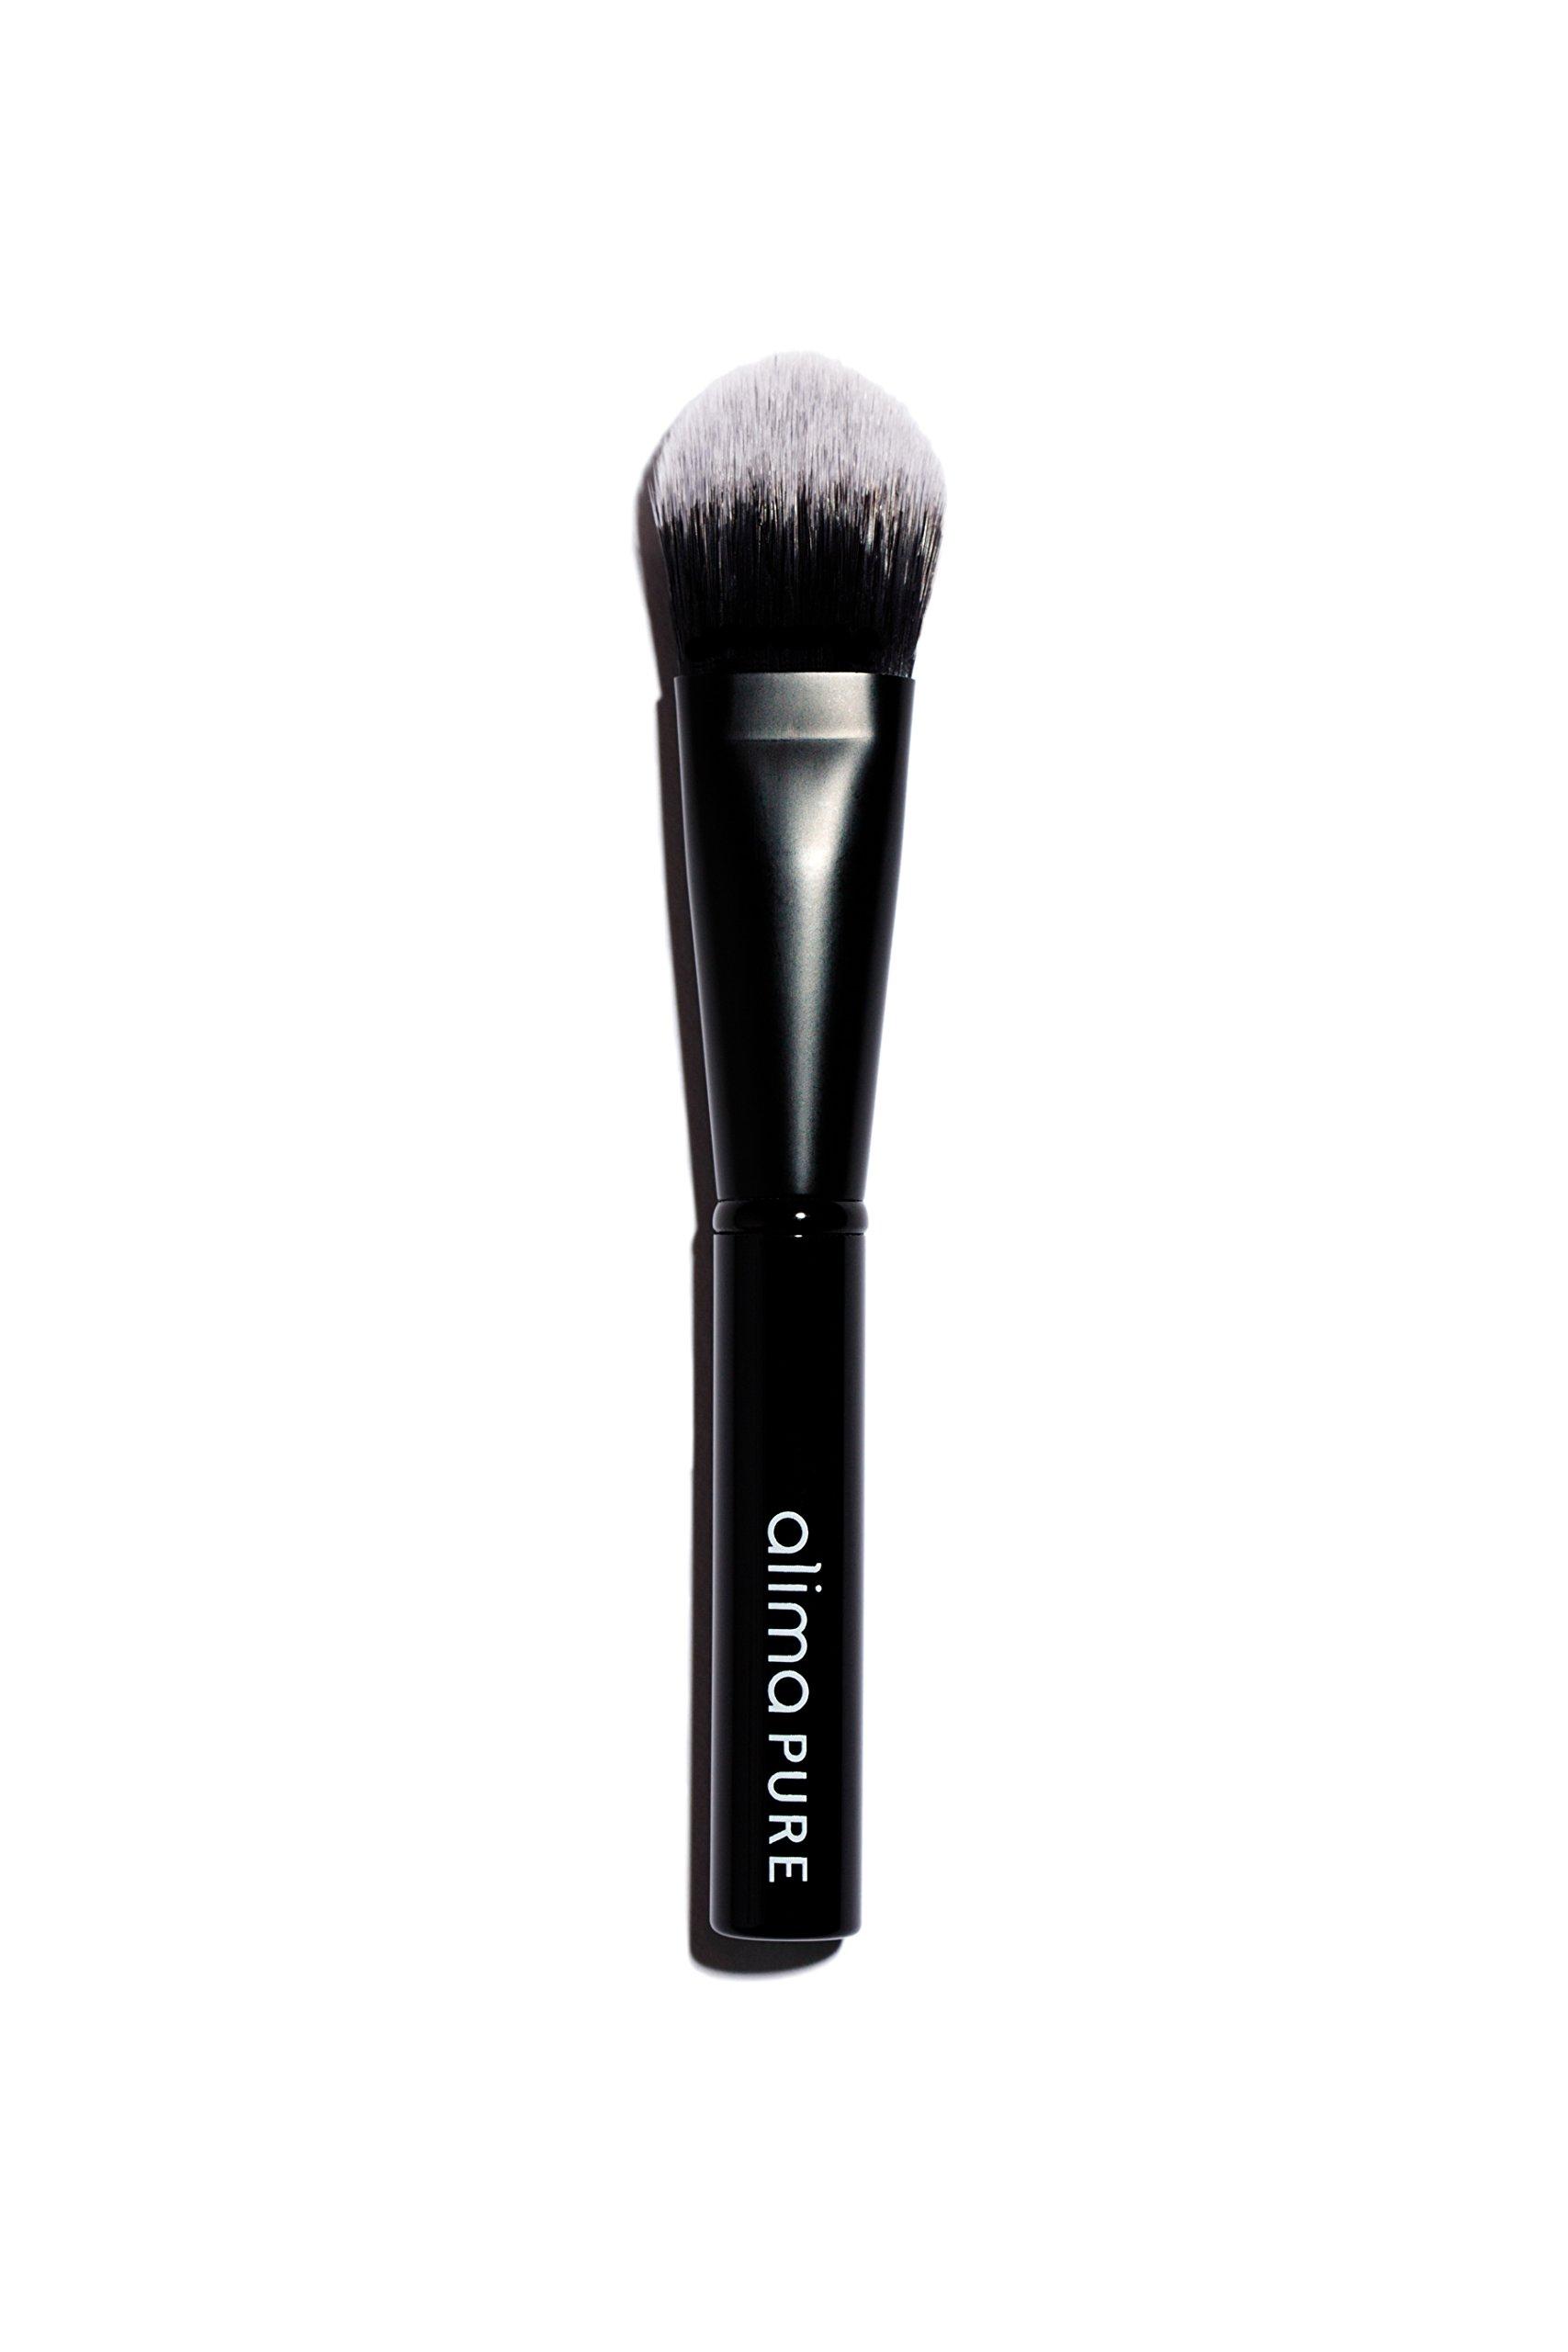 Alima Pure Liquid Foundation Brush